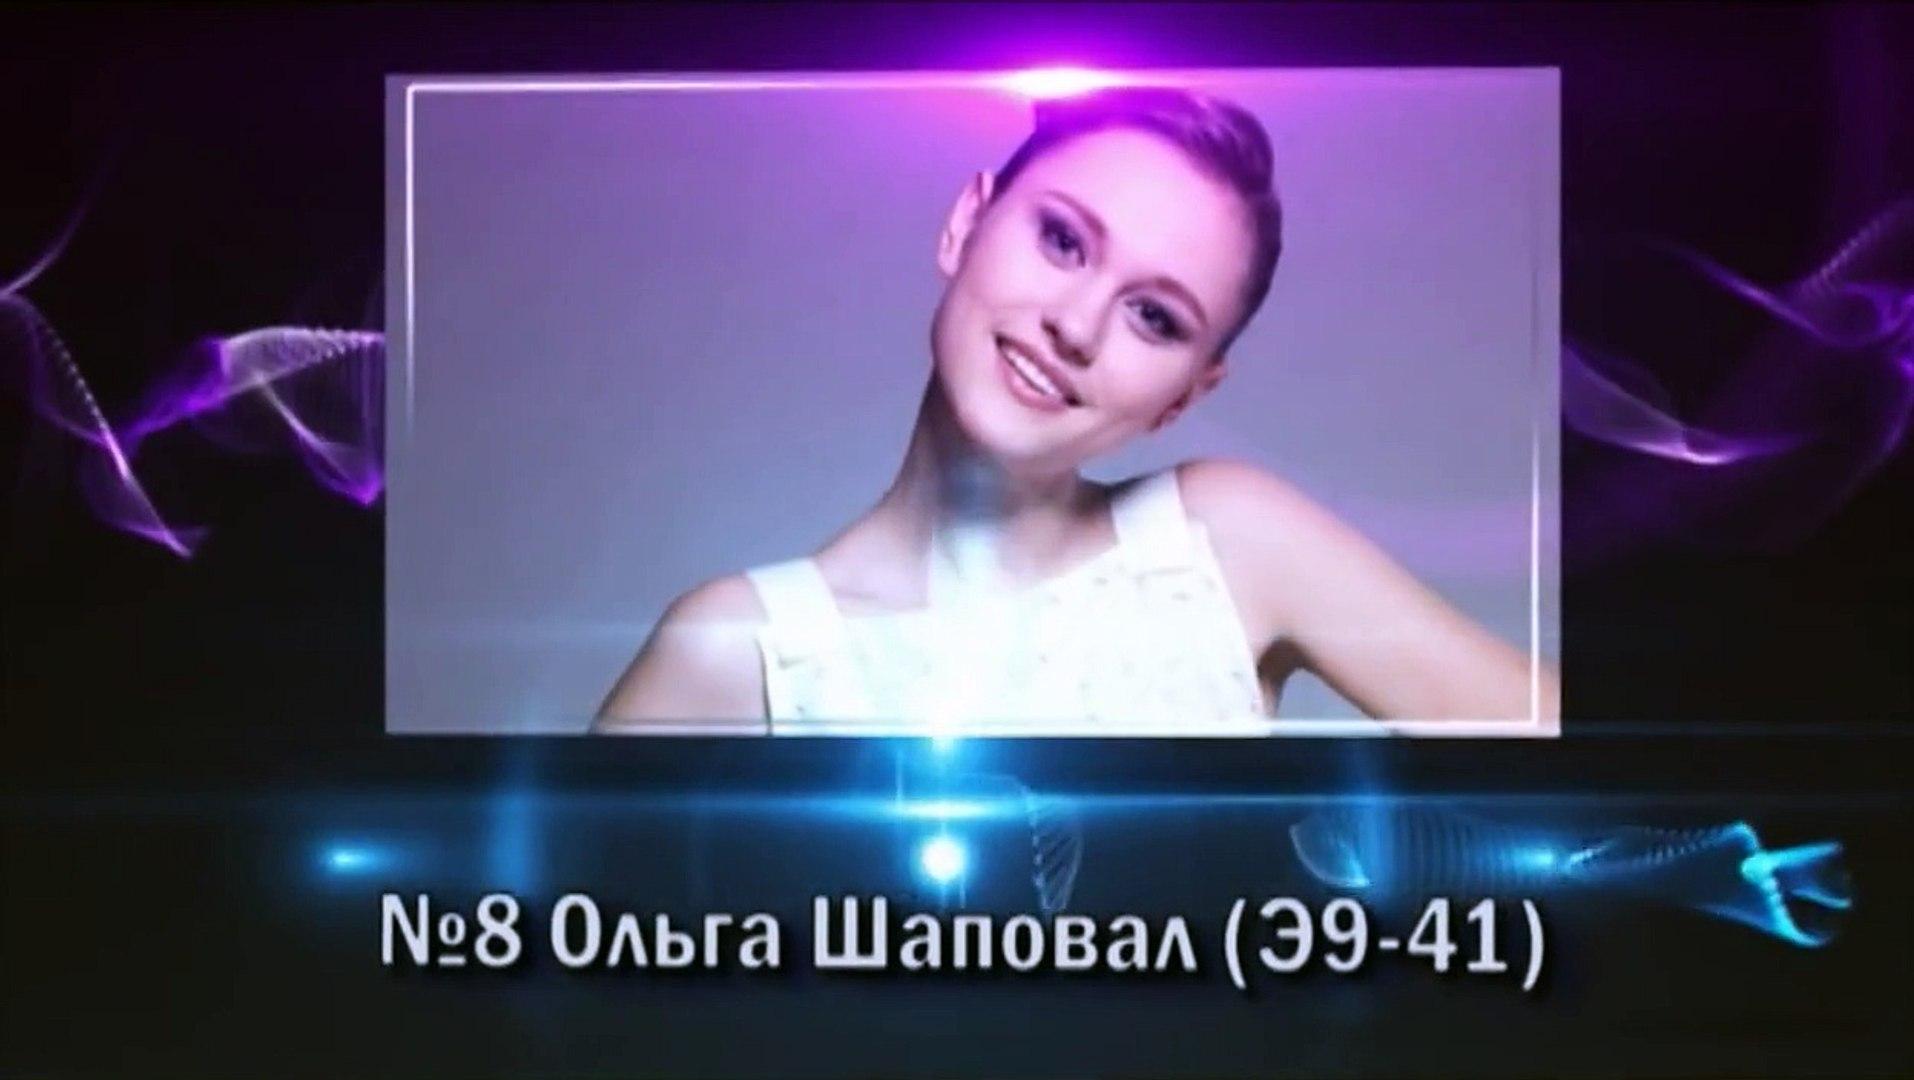 Визитка участницы Мисс Очарование 2011 Шаповал Ольги